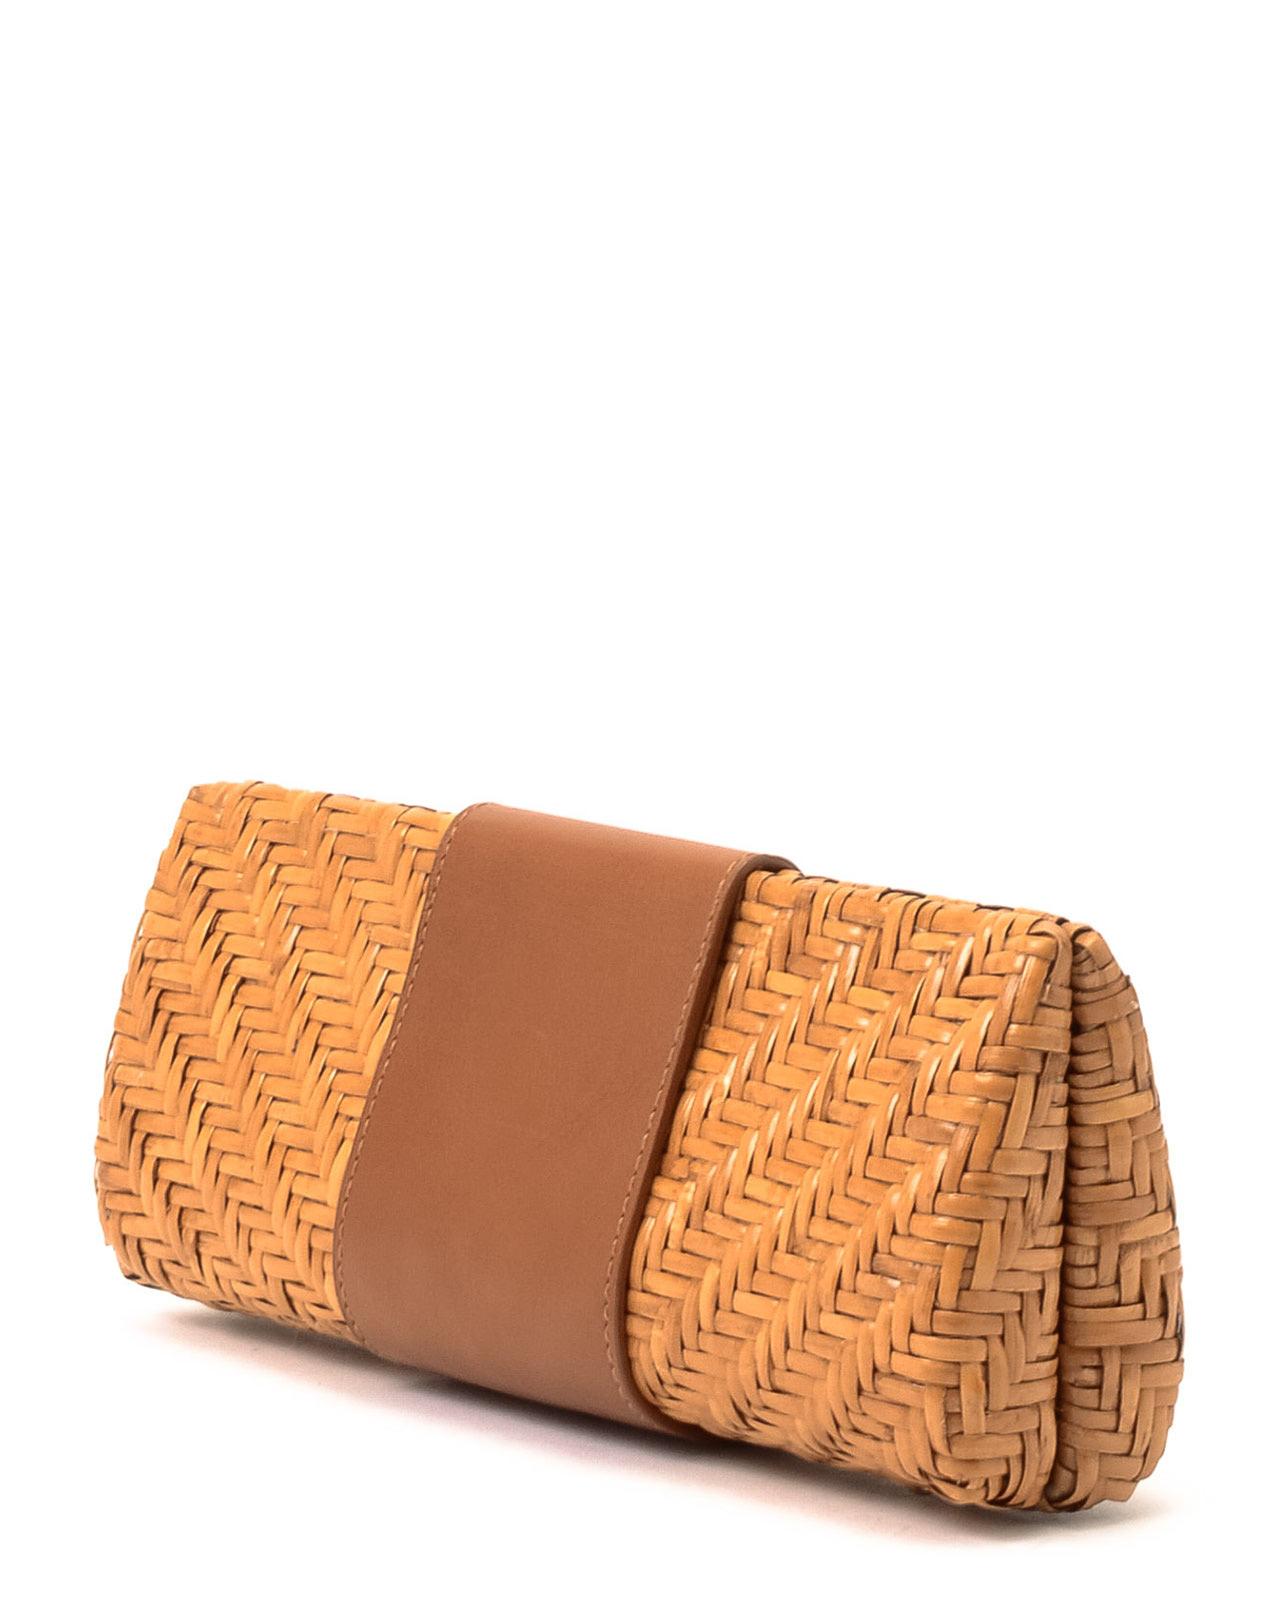 02d92ac6c64 Lyst - Tory Burch Rattan Clutch Bag in Brown